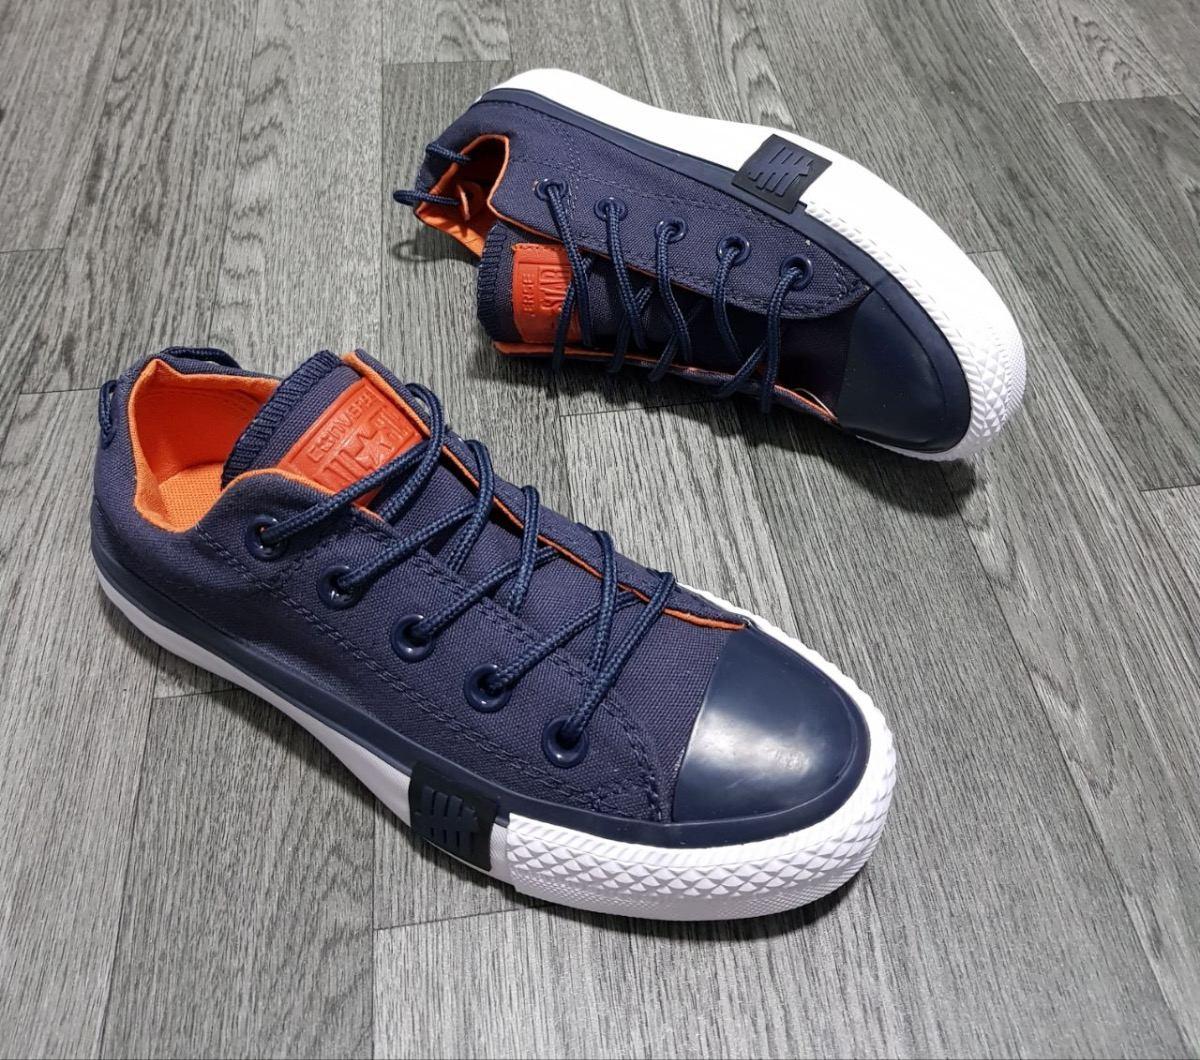 0397dae5ea7 tenis zapatillas converse chuck taylor azul oscuro hombre. Cargando zoom.